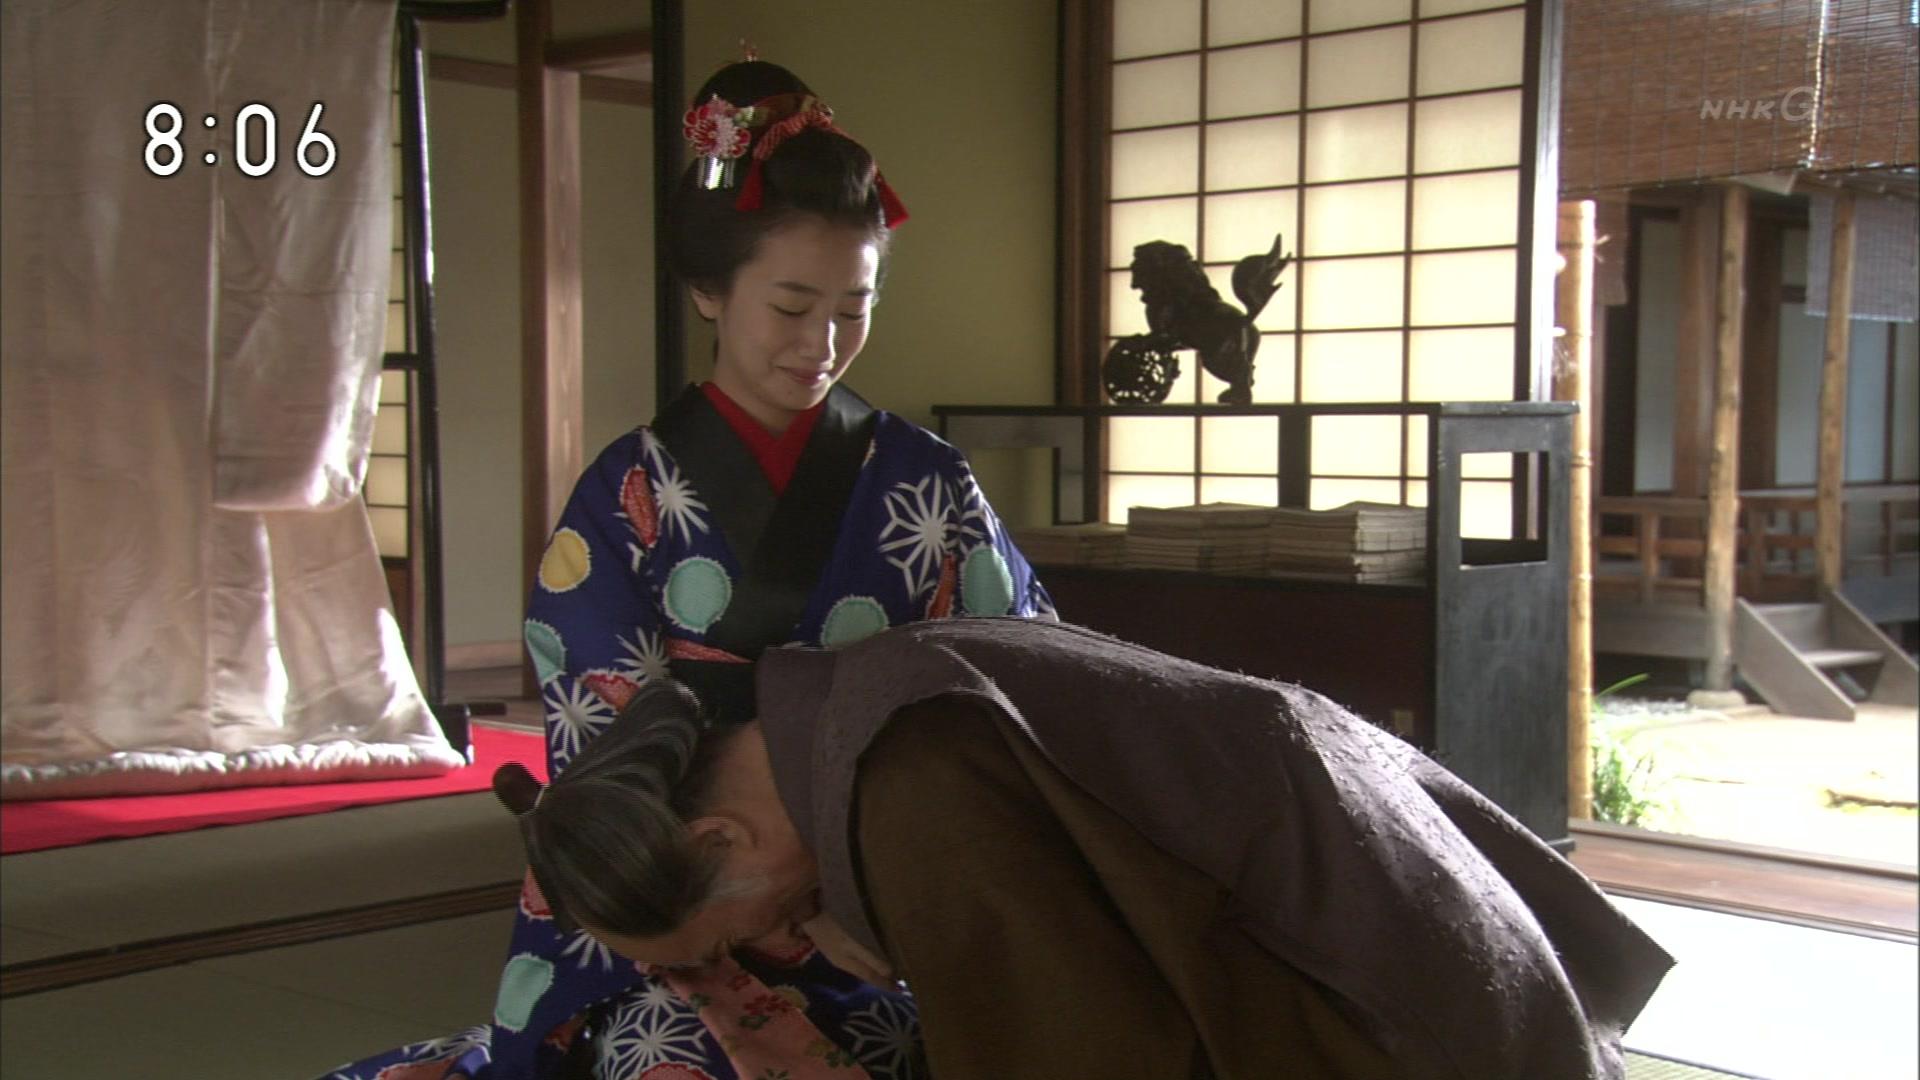 2015-10-09 08:00 連続テレビ小説 あさが来た(11)「ふたつの花びら」 1218